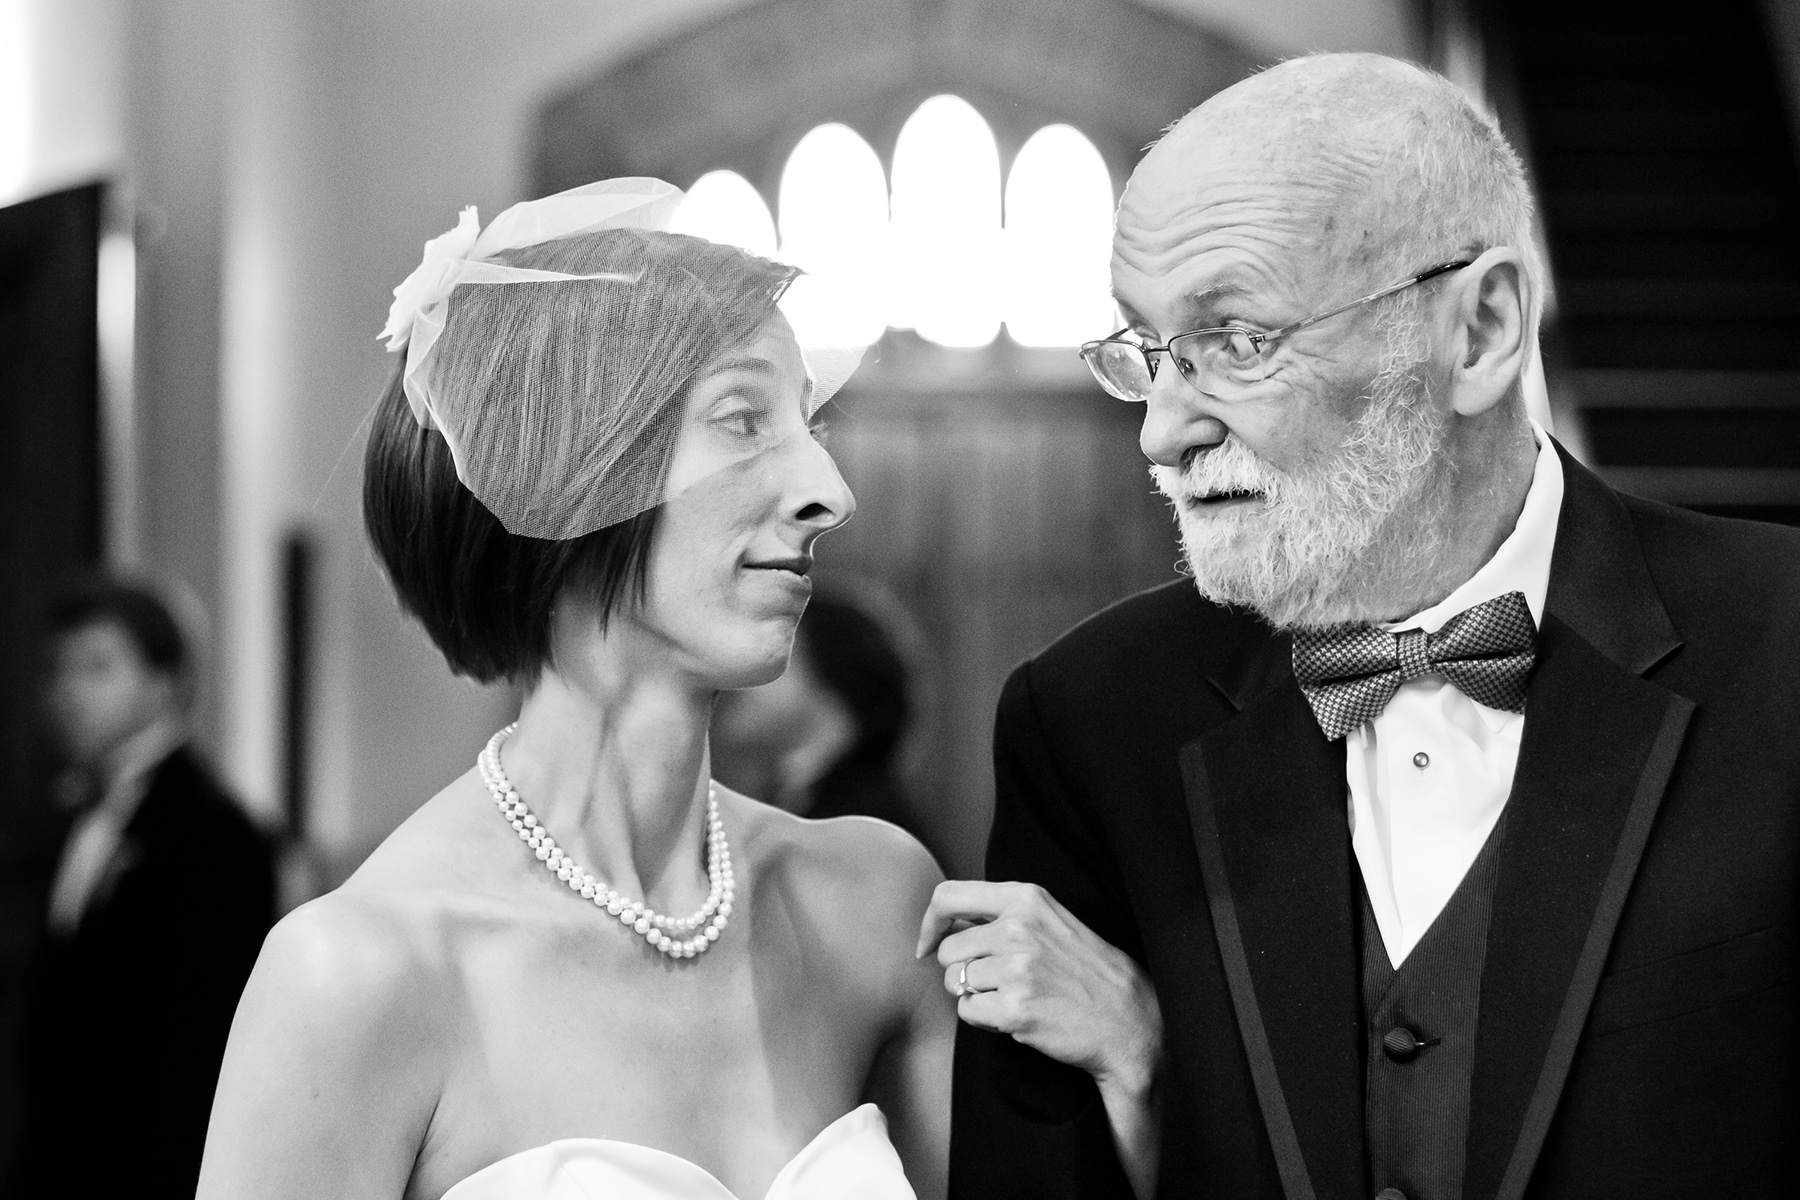 Grace UMC Atlanta Huwelijksfotograaf | De bruid deelt een moment met haar vader